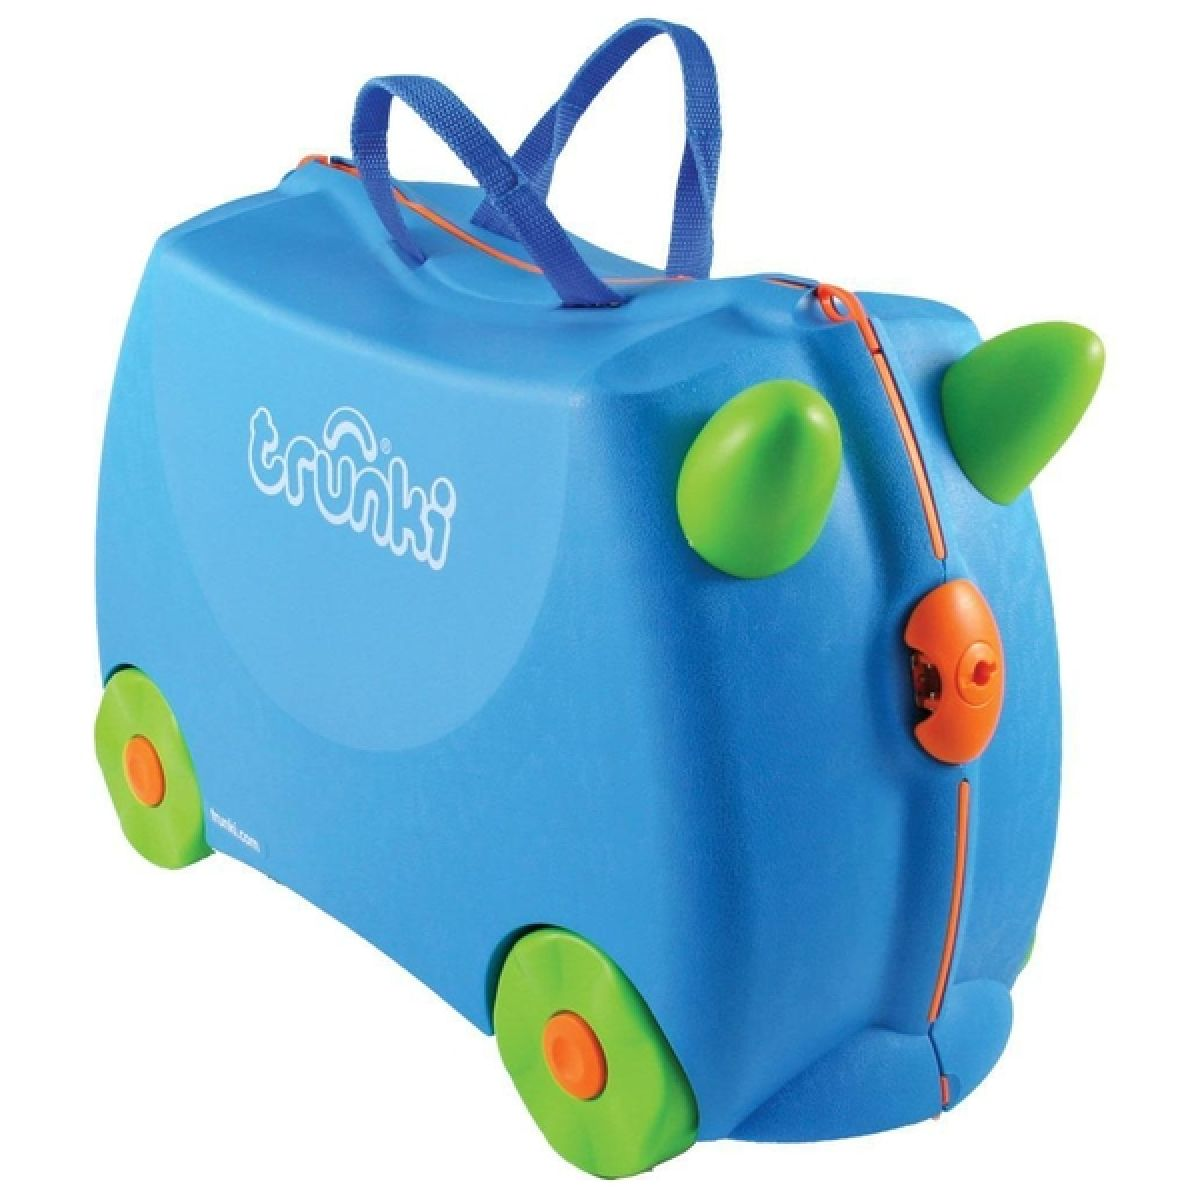 Trunki dětský kufřík odrážedlo Terrance modrý